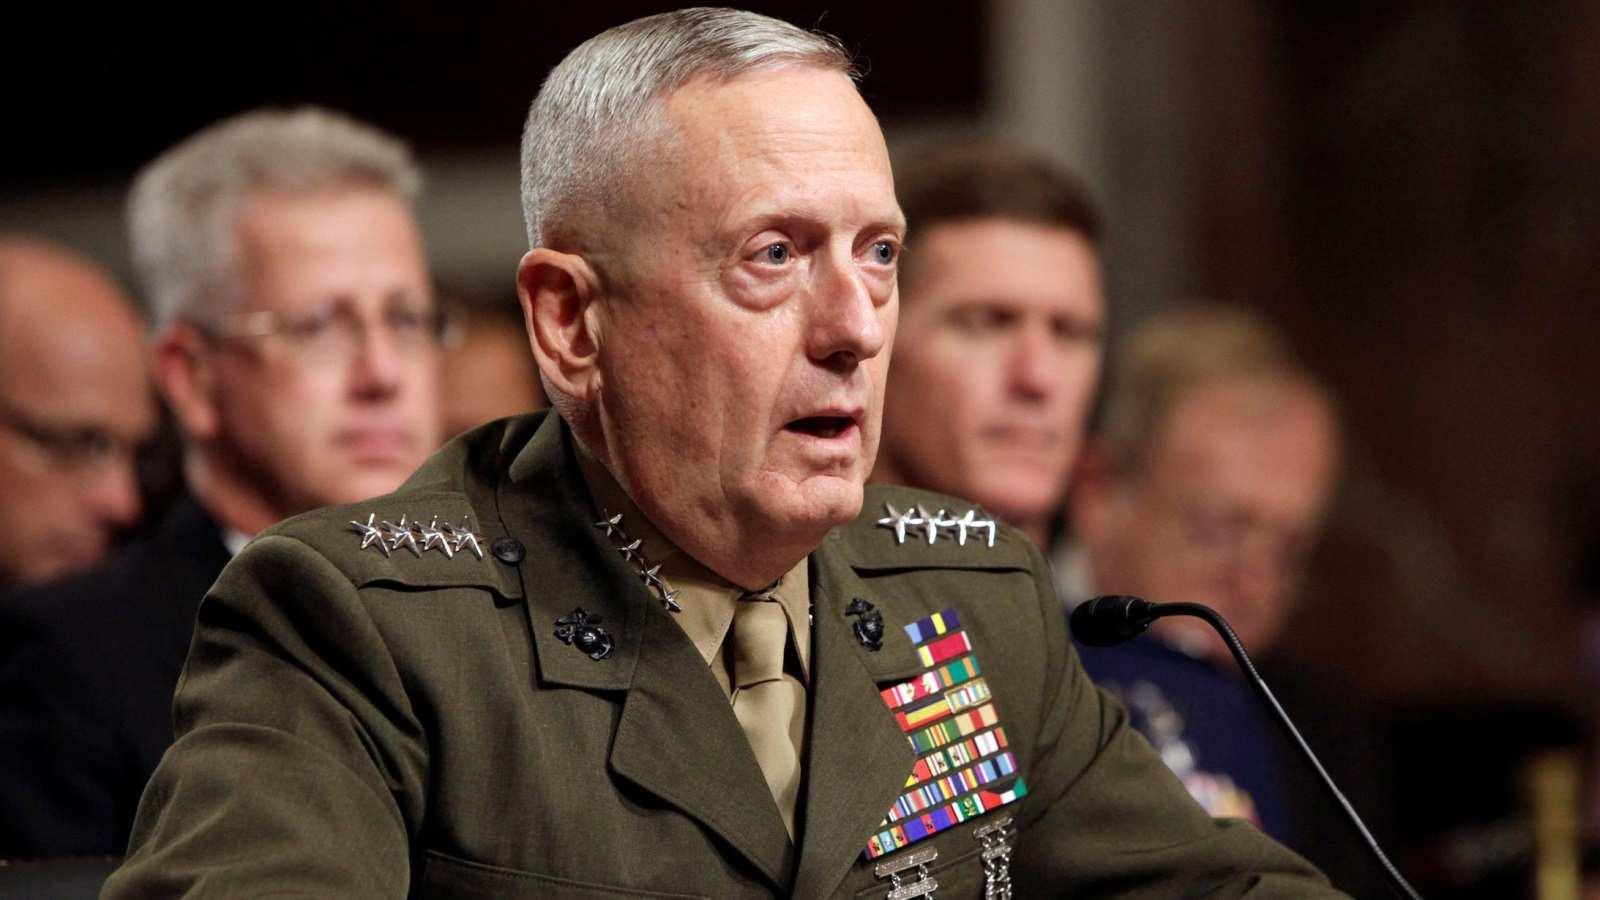 ООН разрешила нам воевать в Сирии, — глава Пентагона | Русская весна